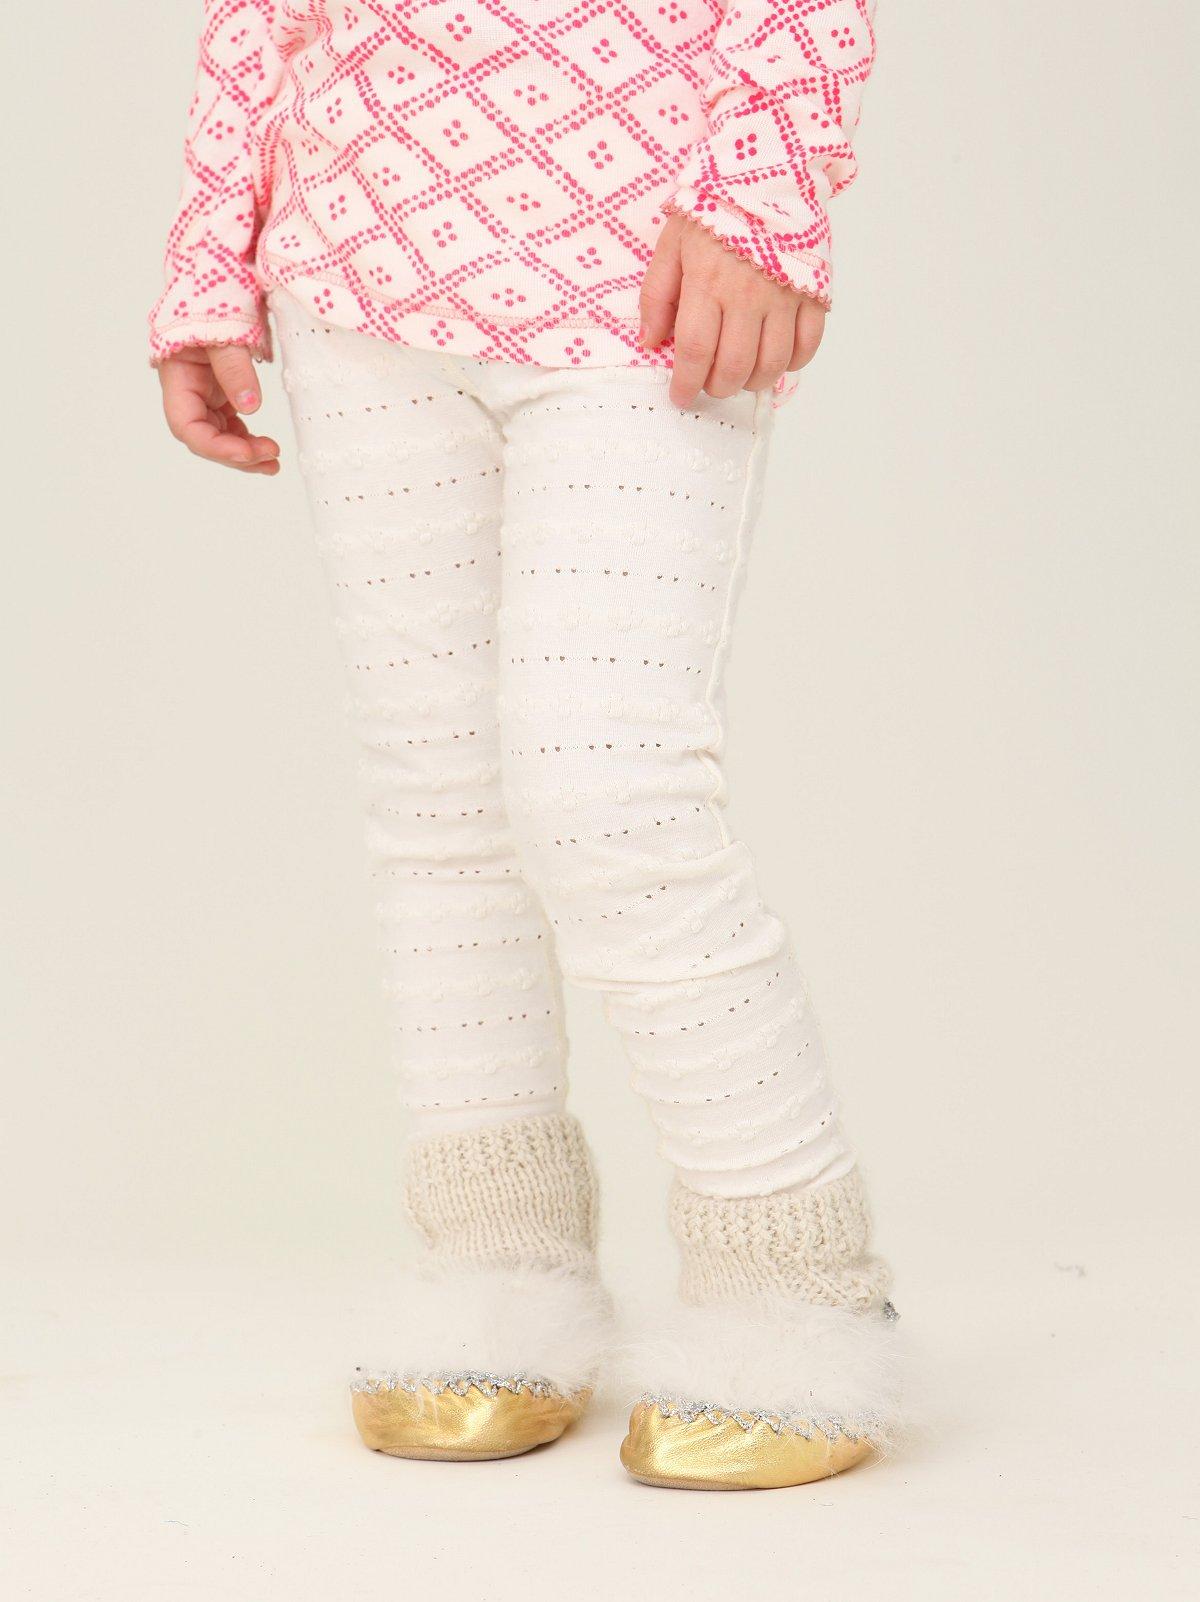 Wee People Textured Floral Leggings